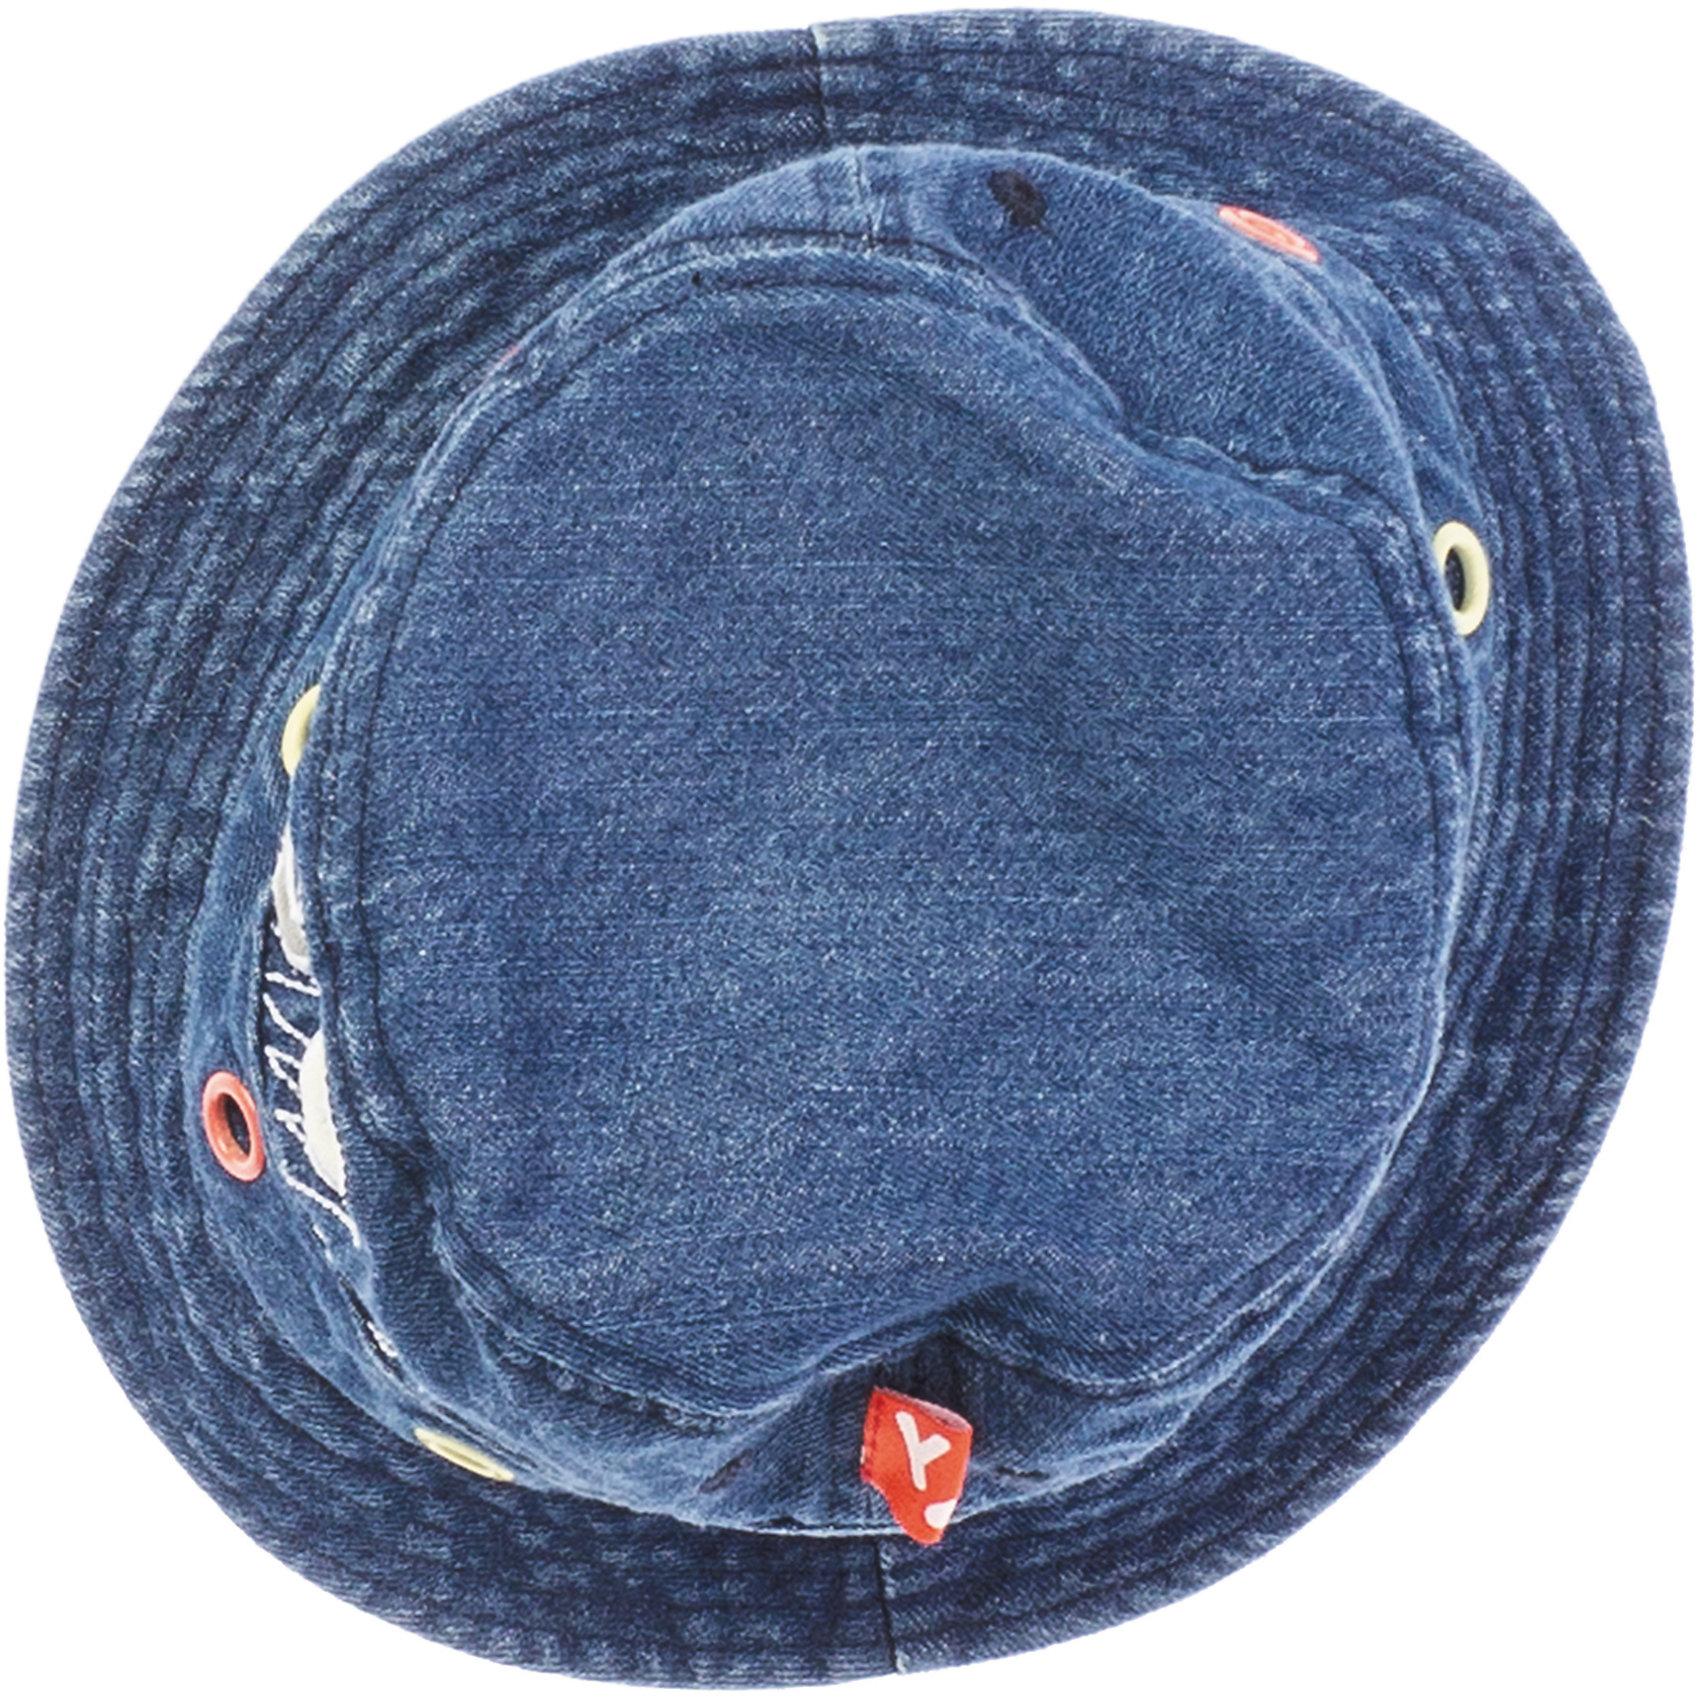 Панама для мальчика PlayTodayМягкая джинсовая панамка надежно защитит от жаркого солнца. Украшена яркой аппликацией. Состав: 100% хлопок<br><br>Ширина мм: 89<br>Глубина мм: 117<br>Высота мм: 44<br>Вес г: 155<br>Цвет: синий<br>Возраст от месяцев: 24<br>Возраст до месяцев: 36<br>Пол: Мужской<br>Возраст: Детский<br>Размер: 50,54,52<br>SKU: 4652583